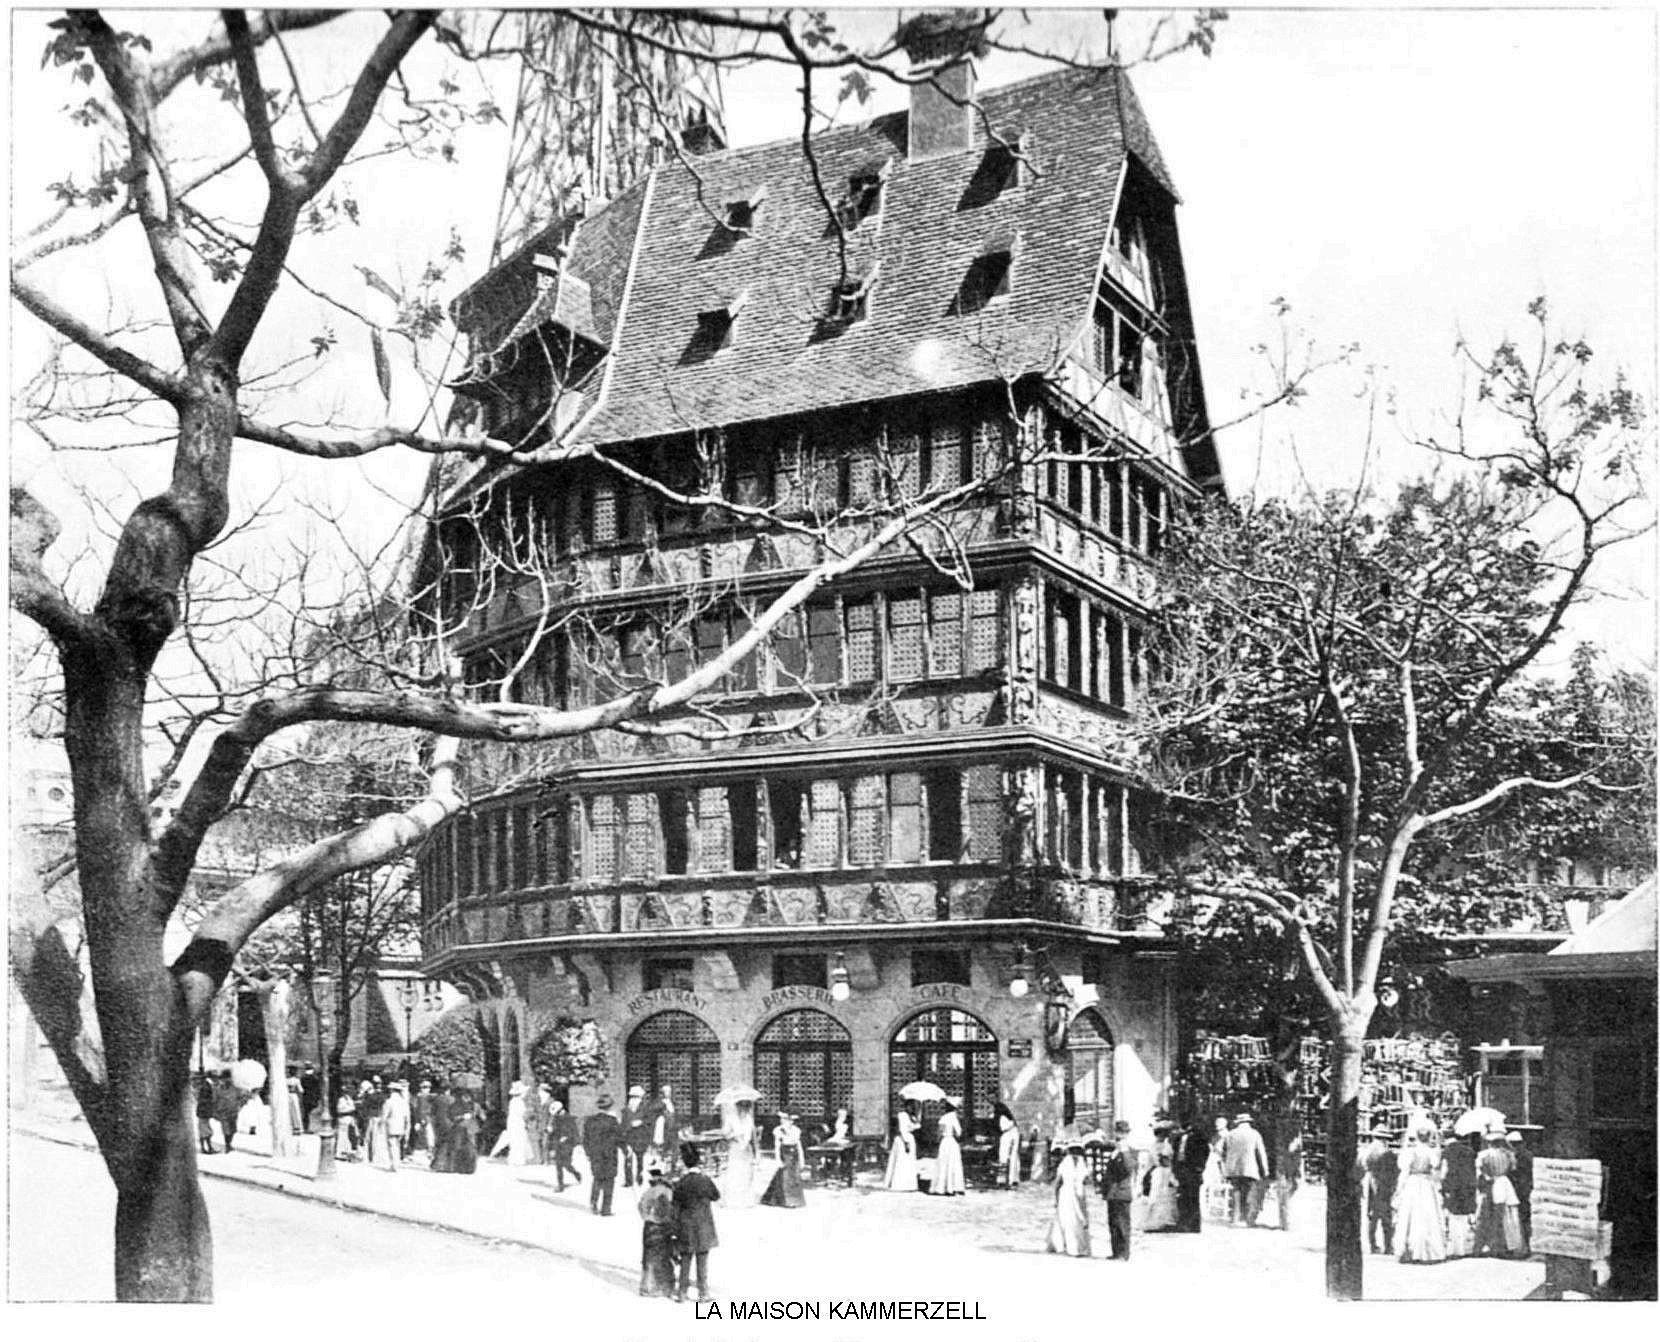 Ressources histoire exposition universelle 1900 la maison kammerzell